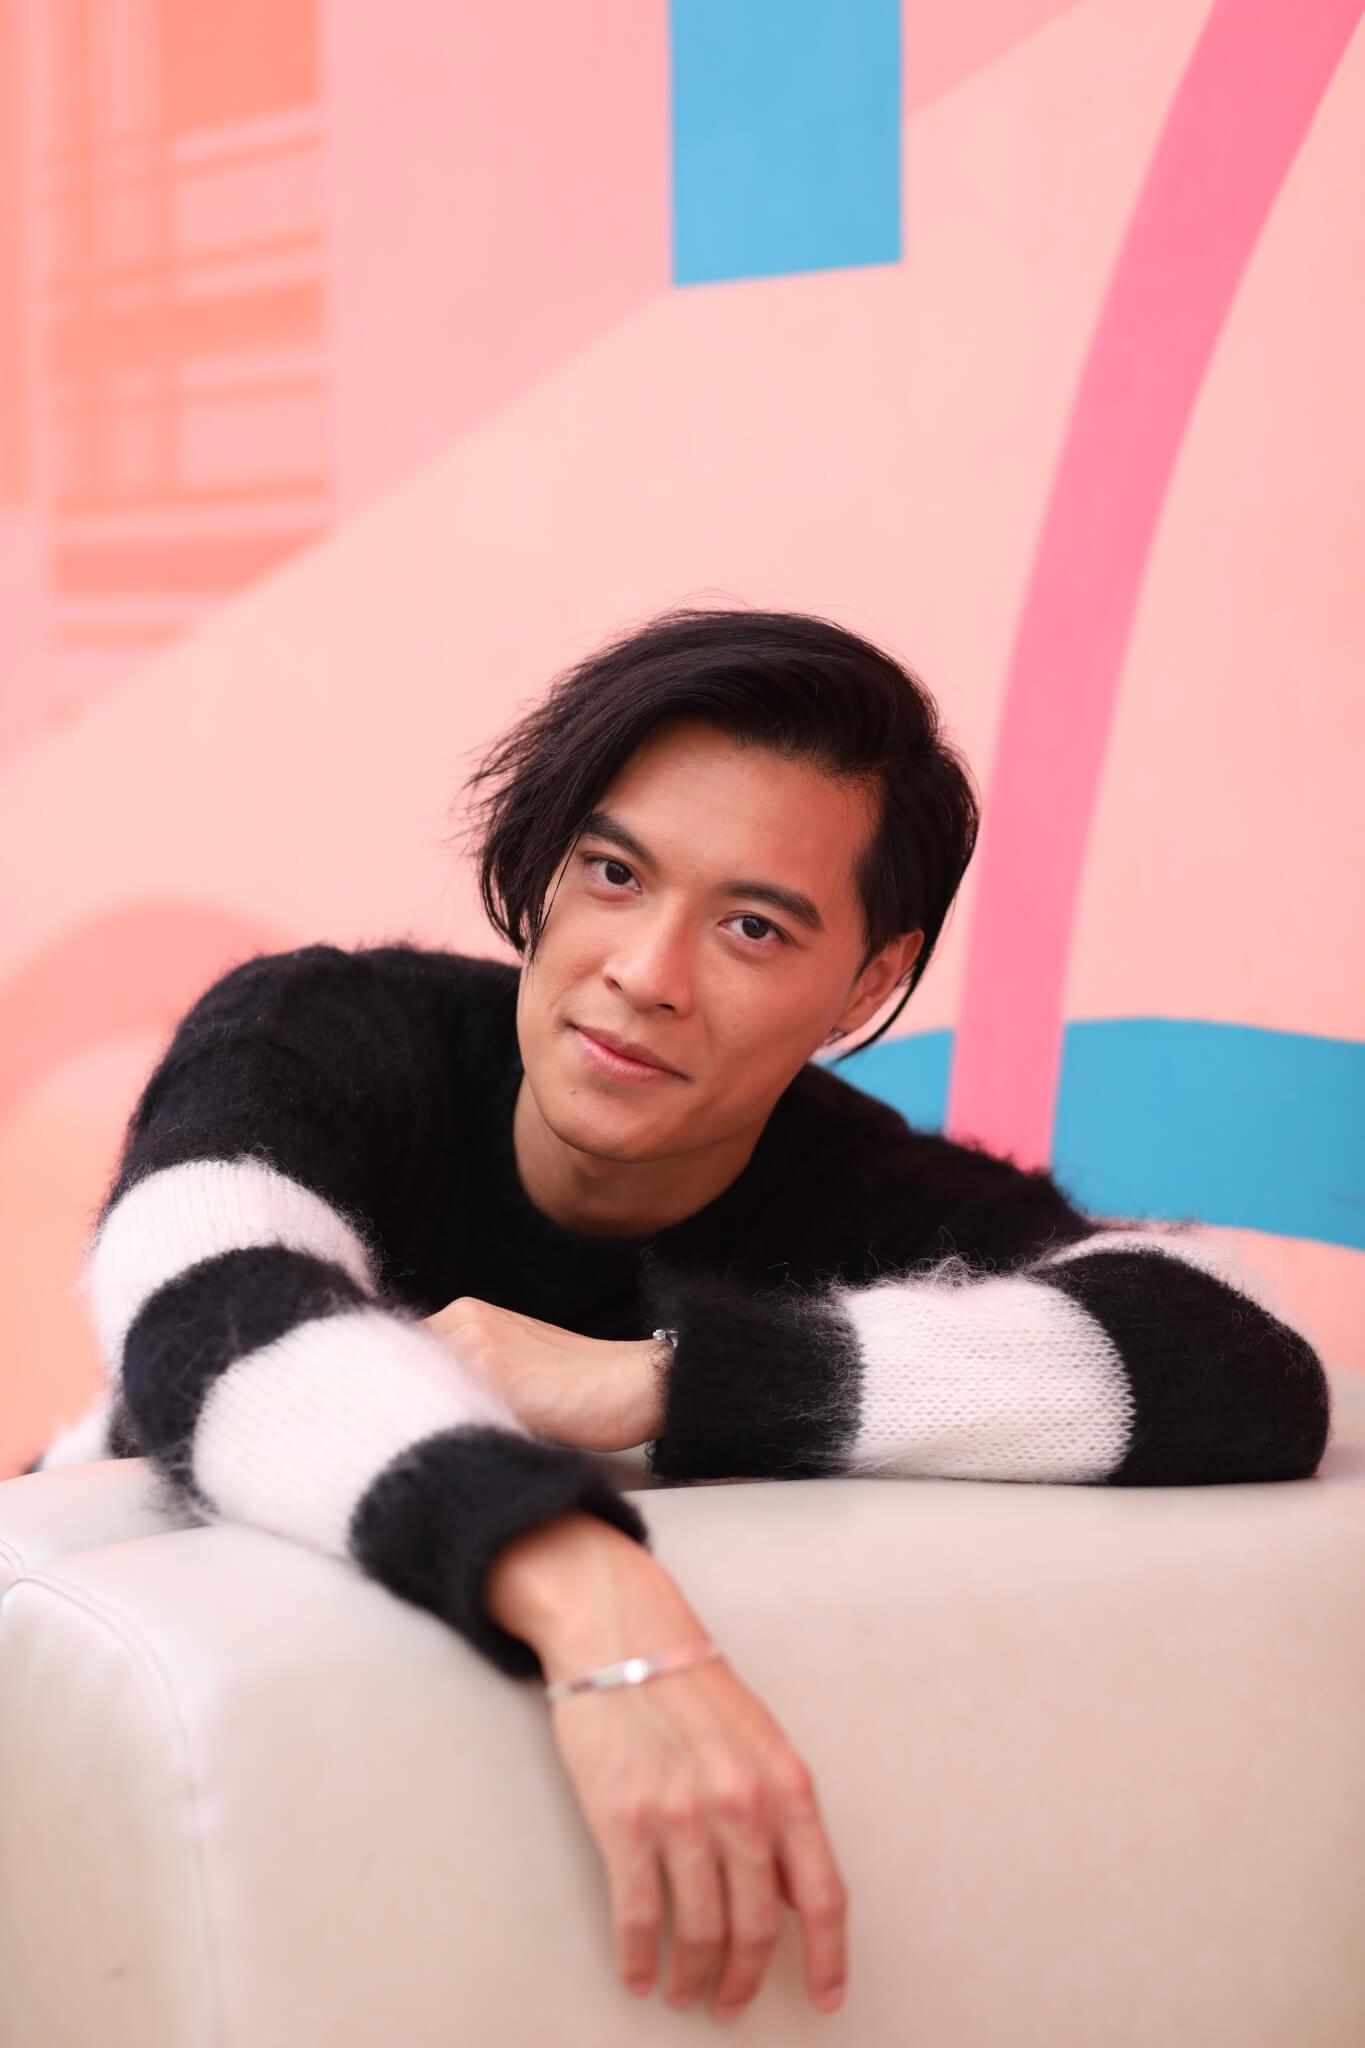 黎振燁廿二歲那年,瞞着太太向TVB遞交了藝員訓練班申請表,並獲得取錄,可惜星途未如理想。